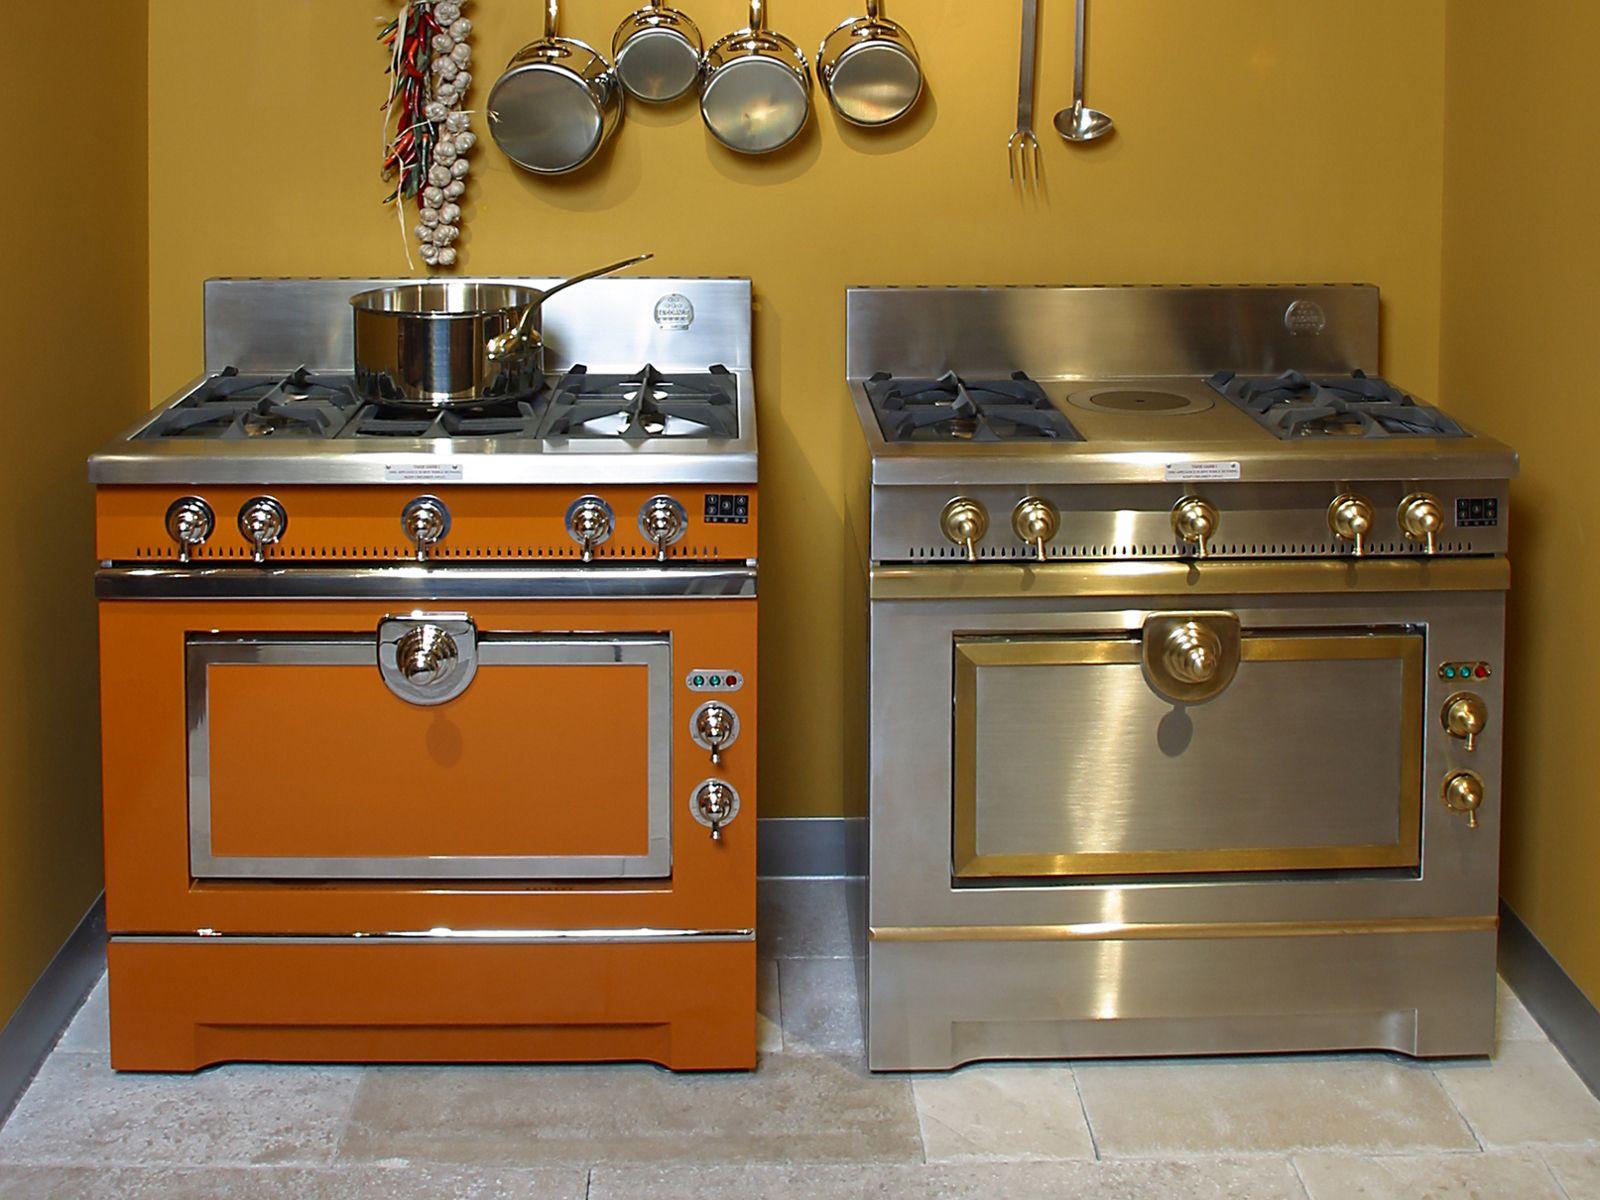 Cucina a libera installazione in acciaio inox grand maman 90 by la cornue - Cucine a gas libera installazione ...